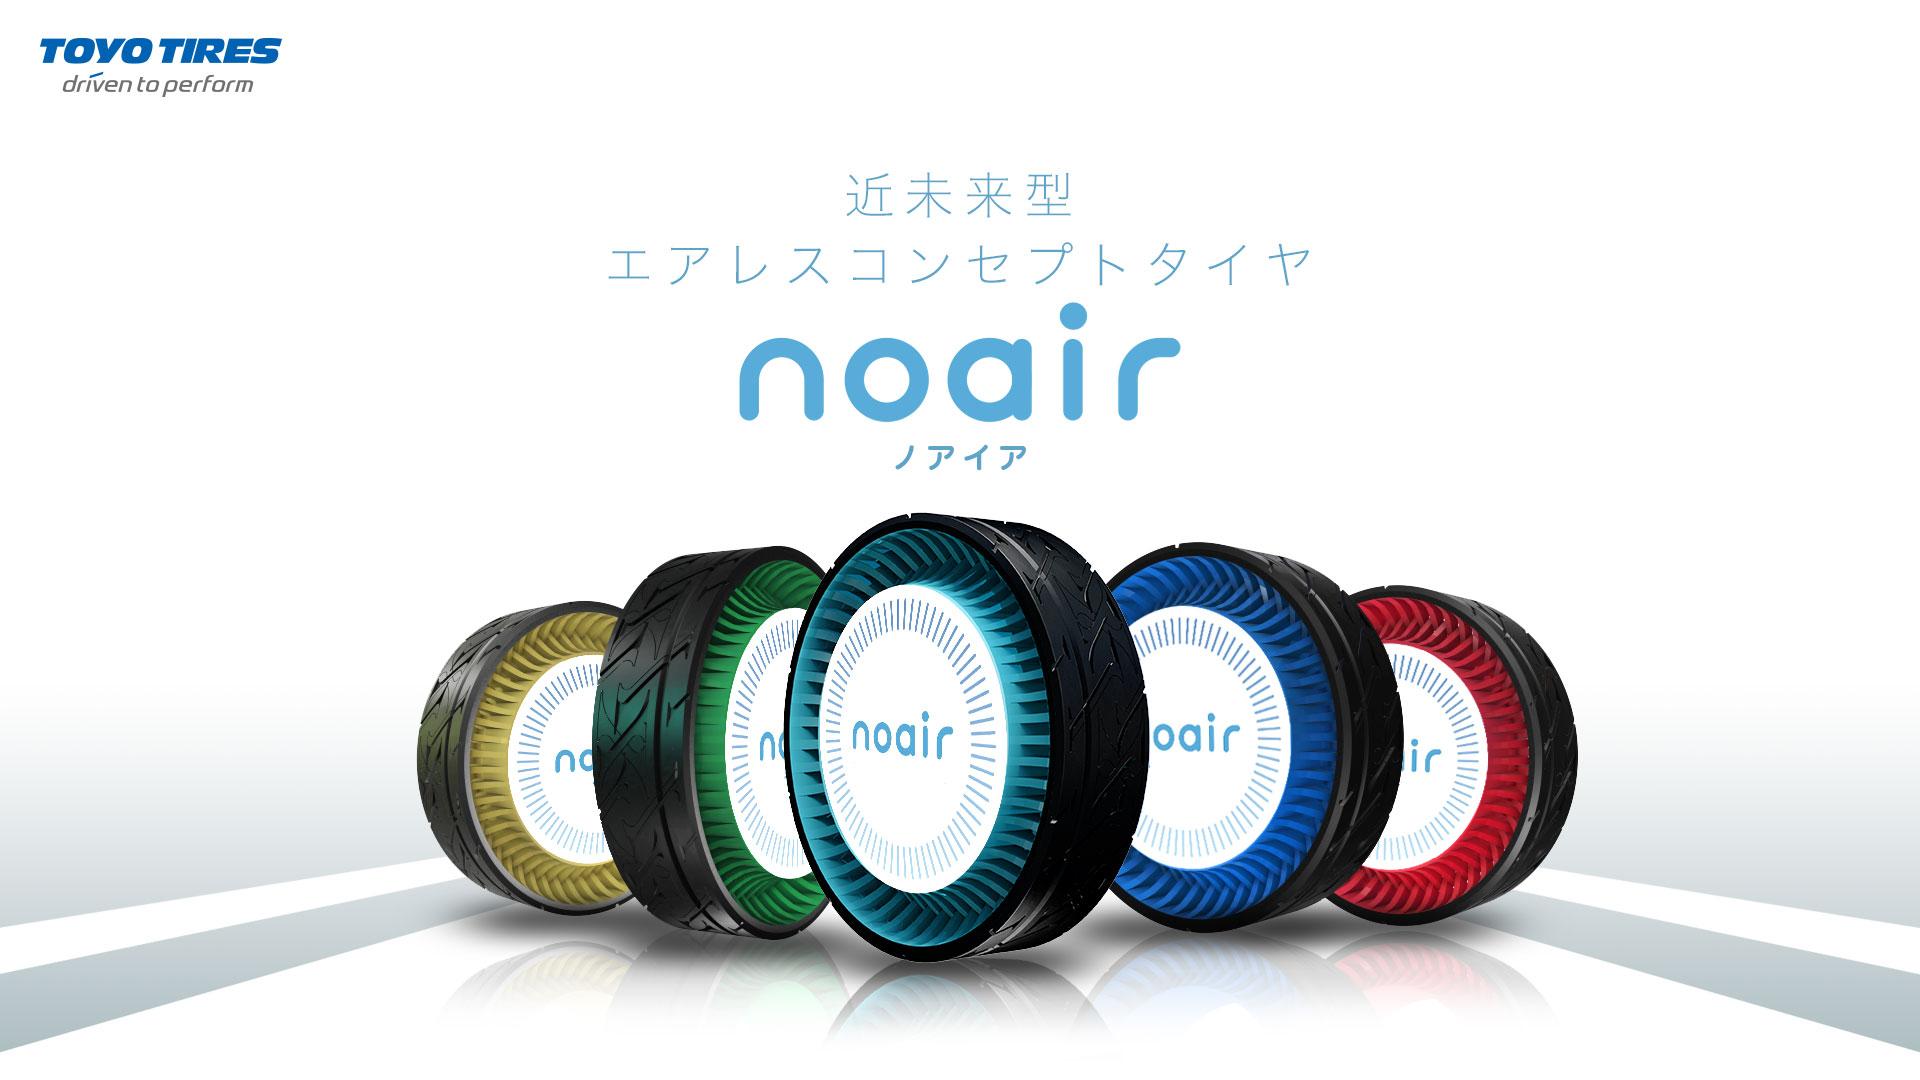 NOAIR